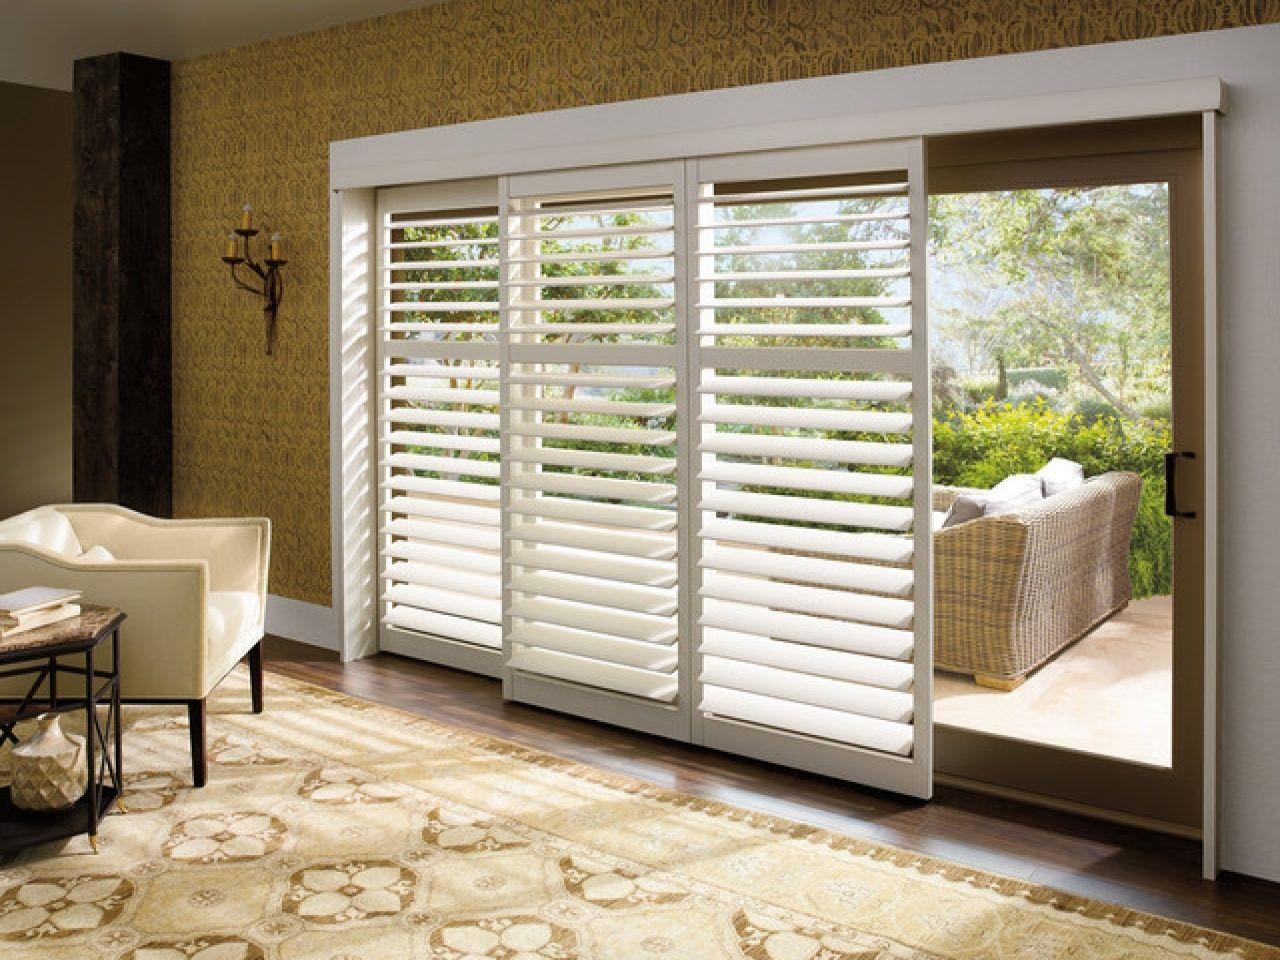 Many People Choose French Doors That Open Inward Over Sliding Doors Because Sliding Glass Door Shutters Patio Door Window Treatments Sliding Glass Door Window